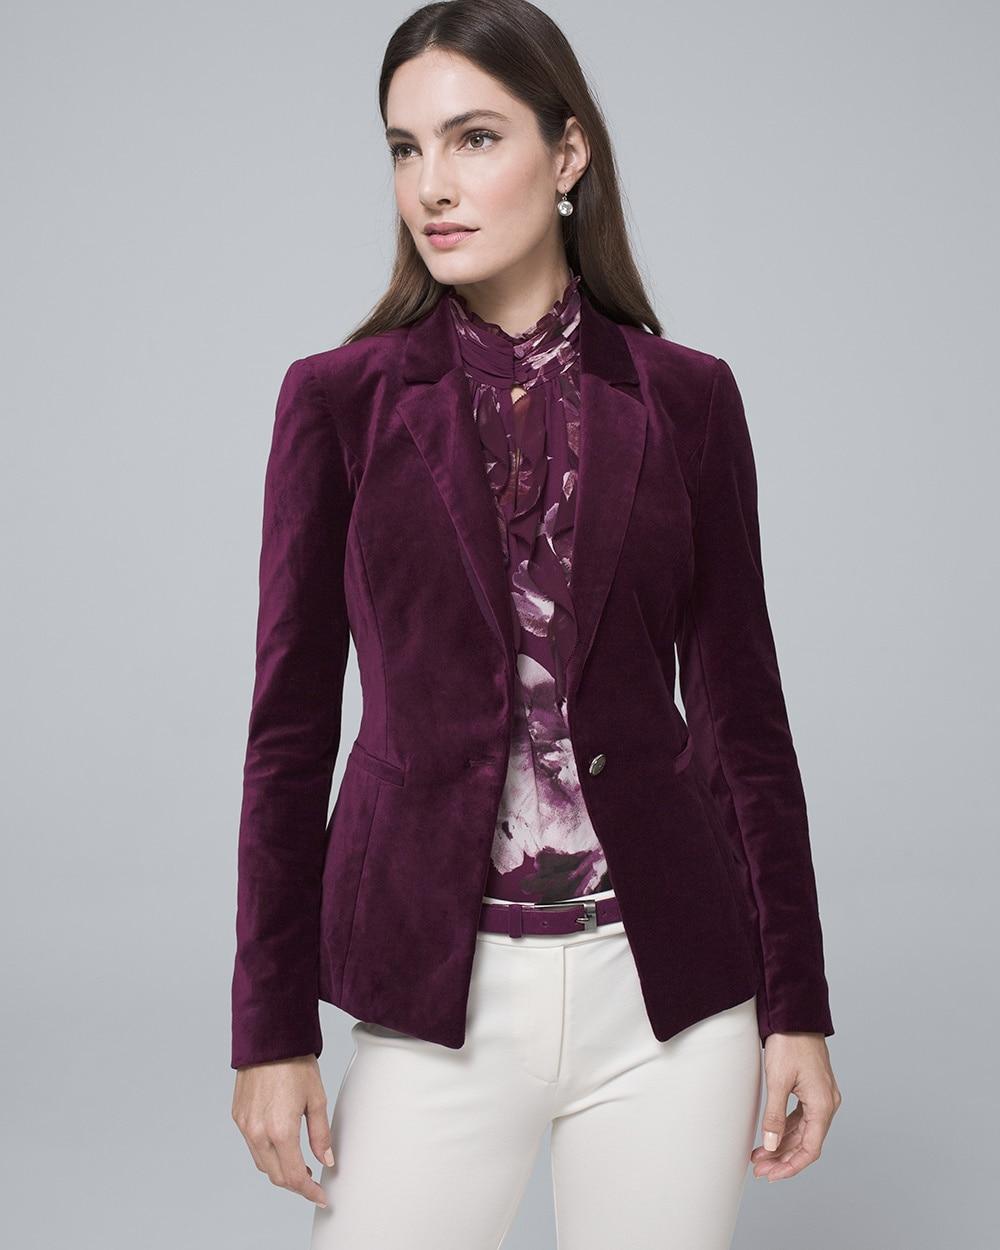 Velvet Jacket - White House Black Market 039de0557